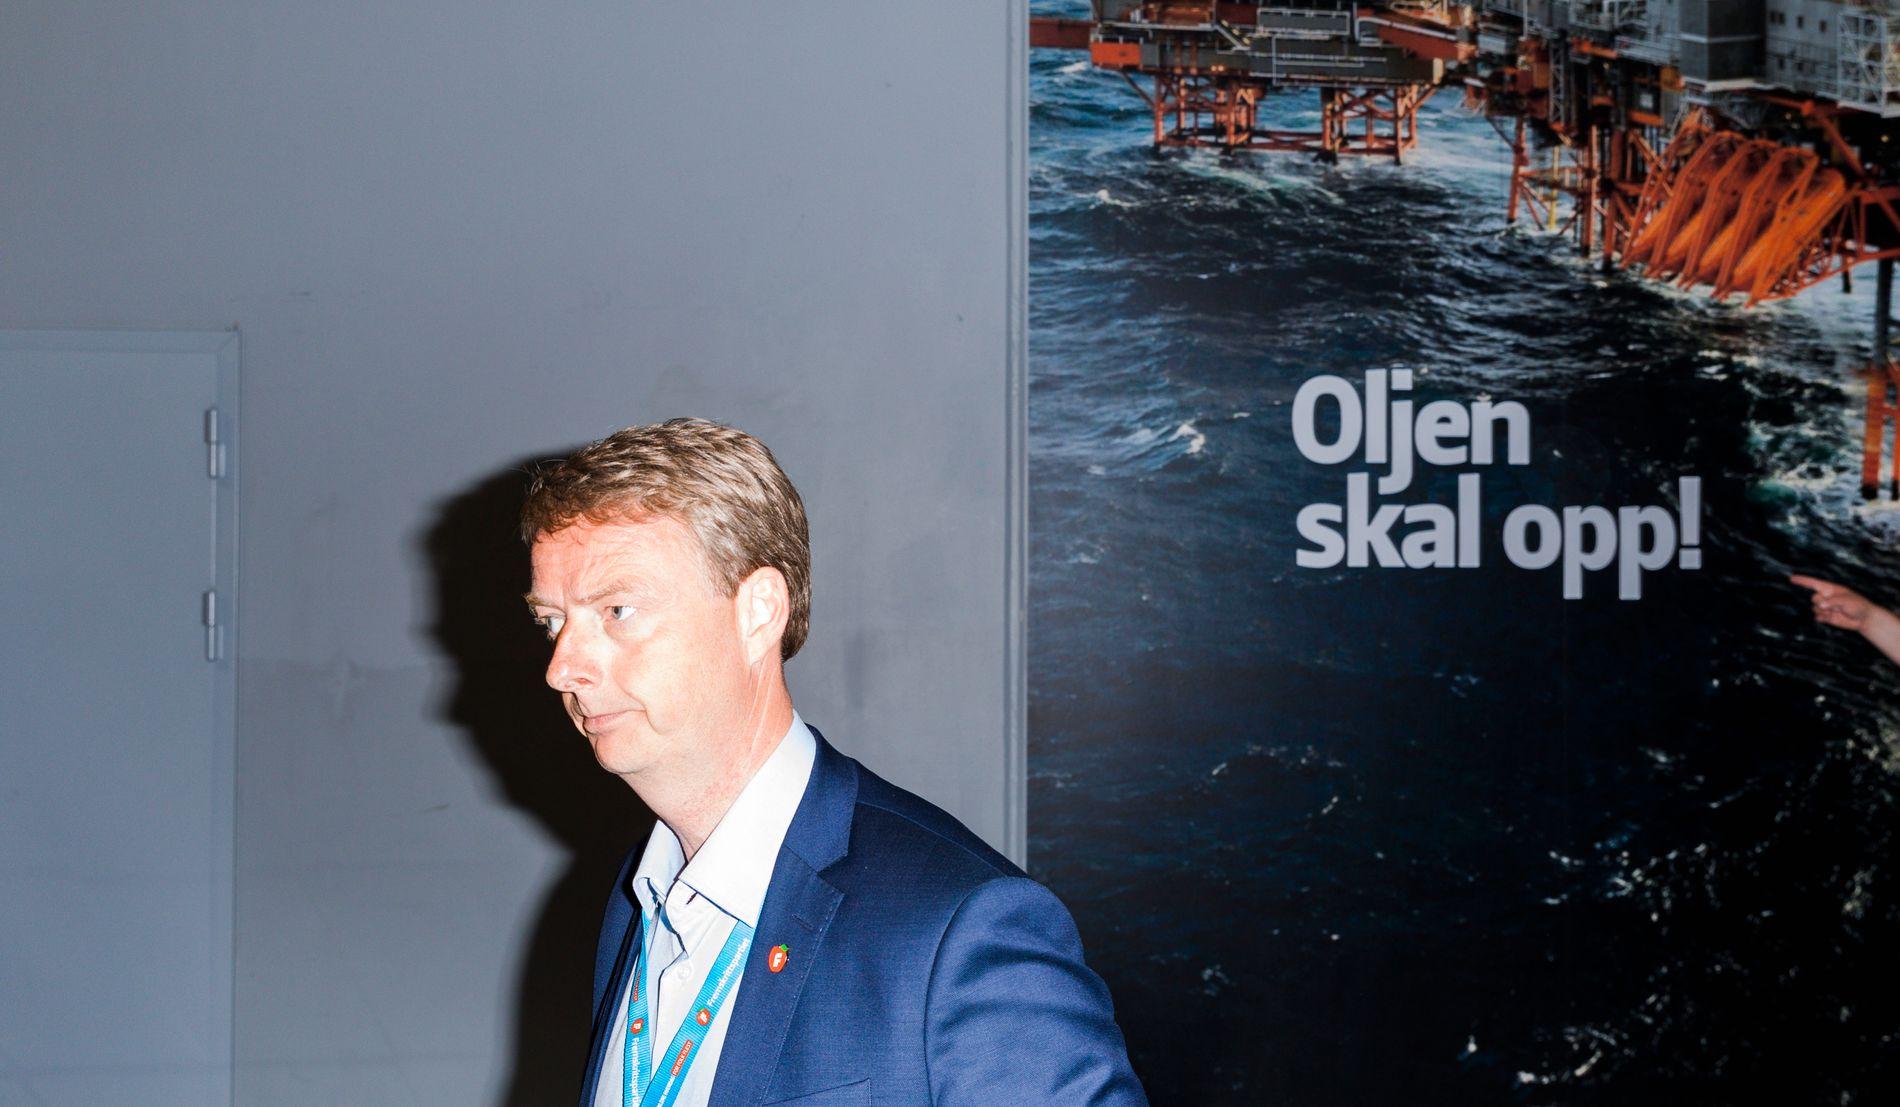 KUTT: Olje- og energiminister Terje Søviknes kutter kraftig i satsningen på CO2-fangst og lagring.